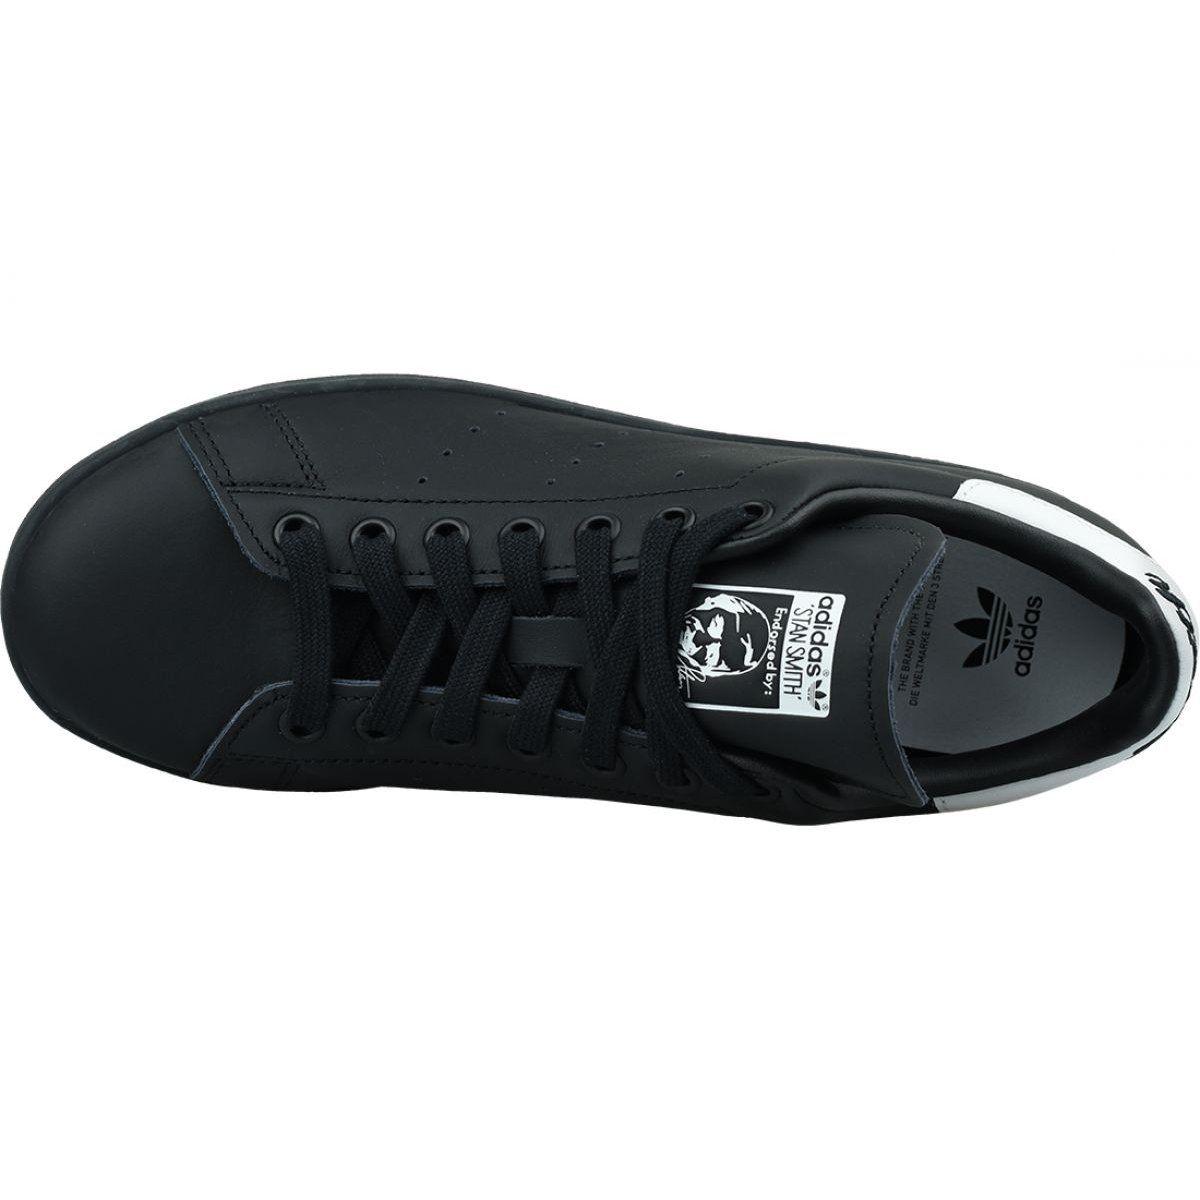 Buty Adidas Originals Stan Smith M Ee5819 Czarne Adidas Originals Stan Smith Stan Smith Shoes Black Shoes